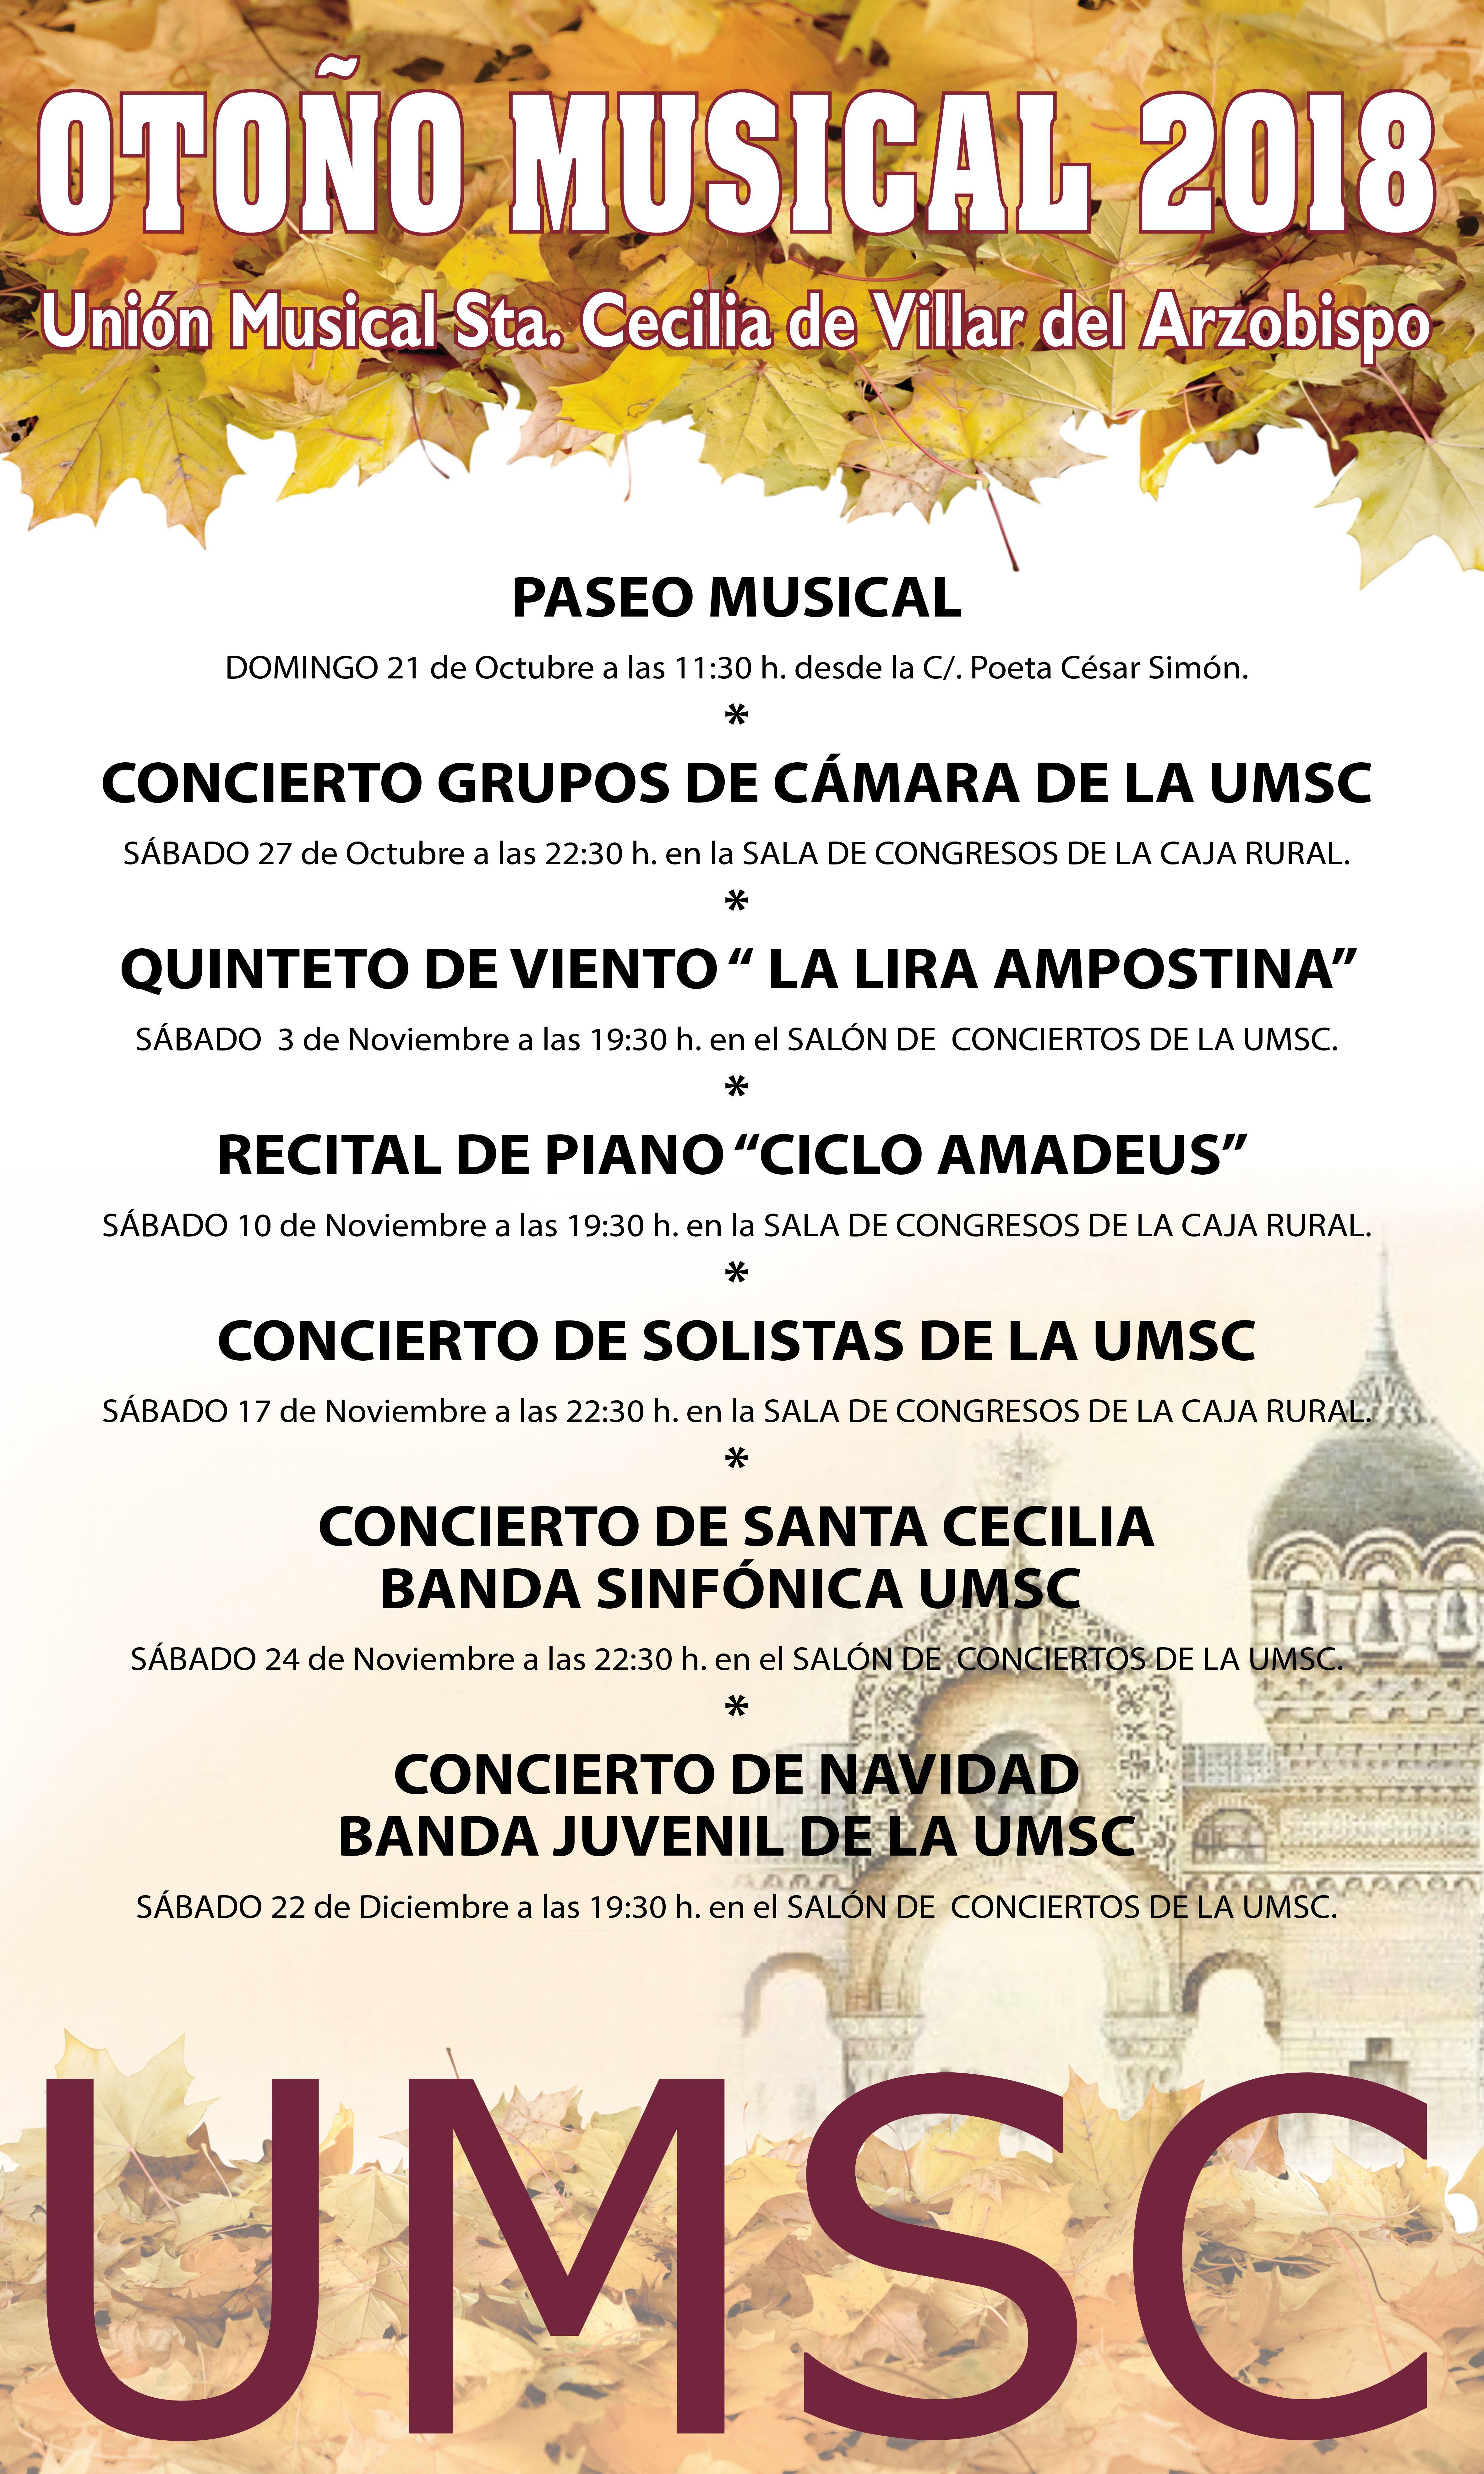 Programación del Otoño Musical de la UMSC de Villar del Arzobispo.